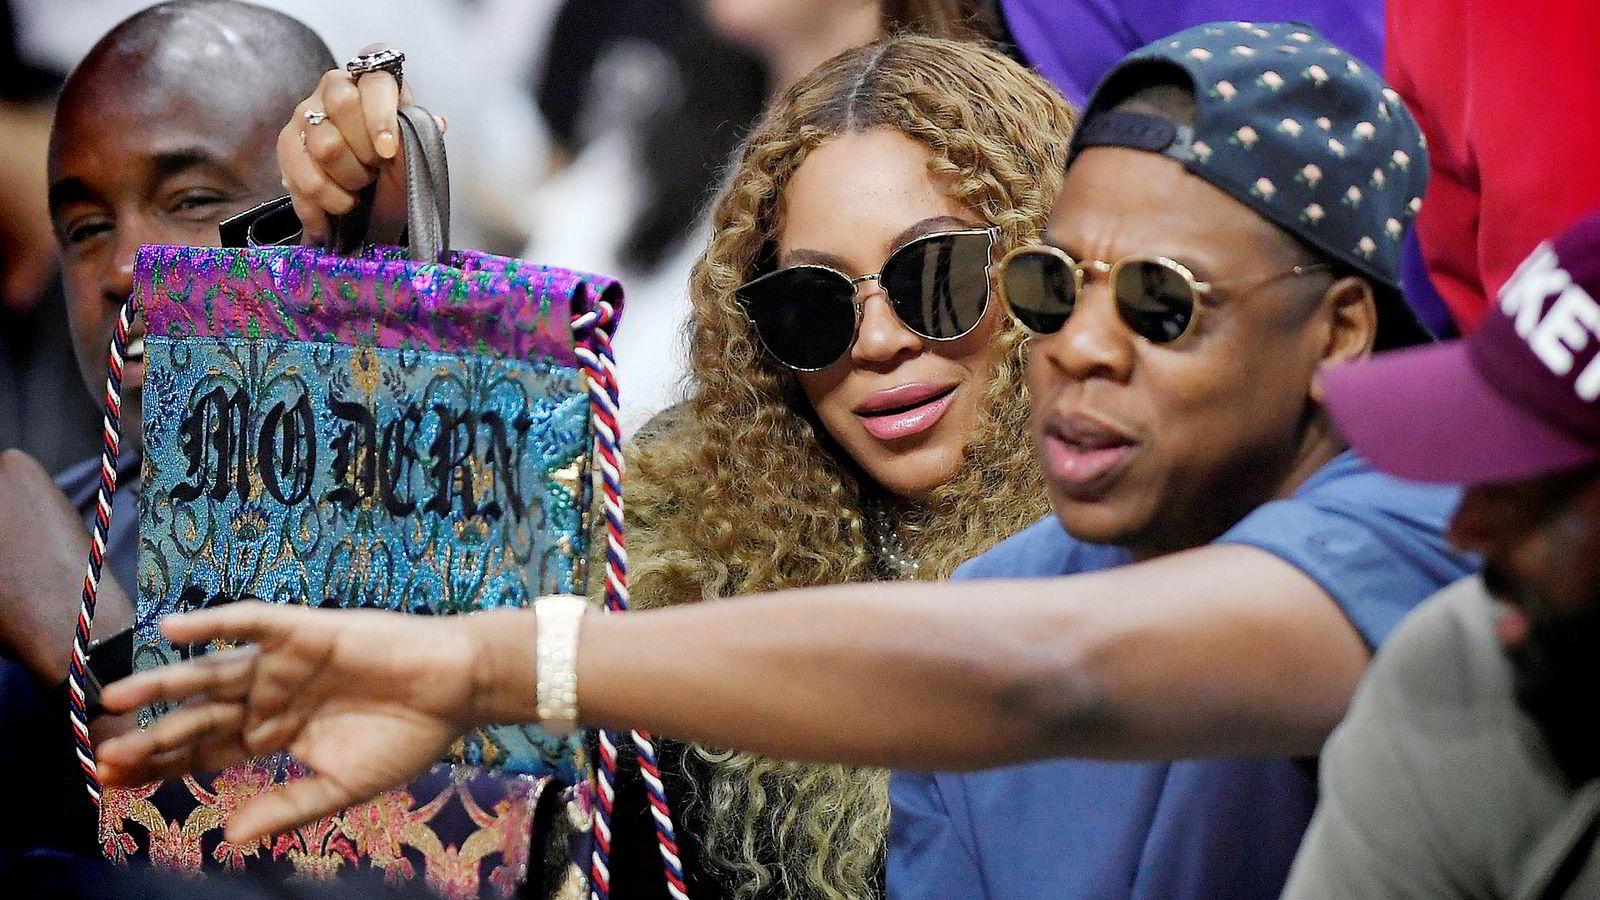 Tidal-eier Jay Z varslet selv flere søksmål etter at antall abonnenter var vesentlig lavere enn hva han ble forespeilet da han kjøpte selskapet, og at virksomheten var i dårligere økonomisk stand enn hva det ble opplyst om.